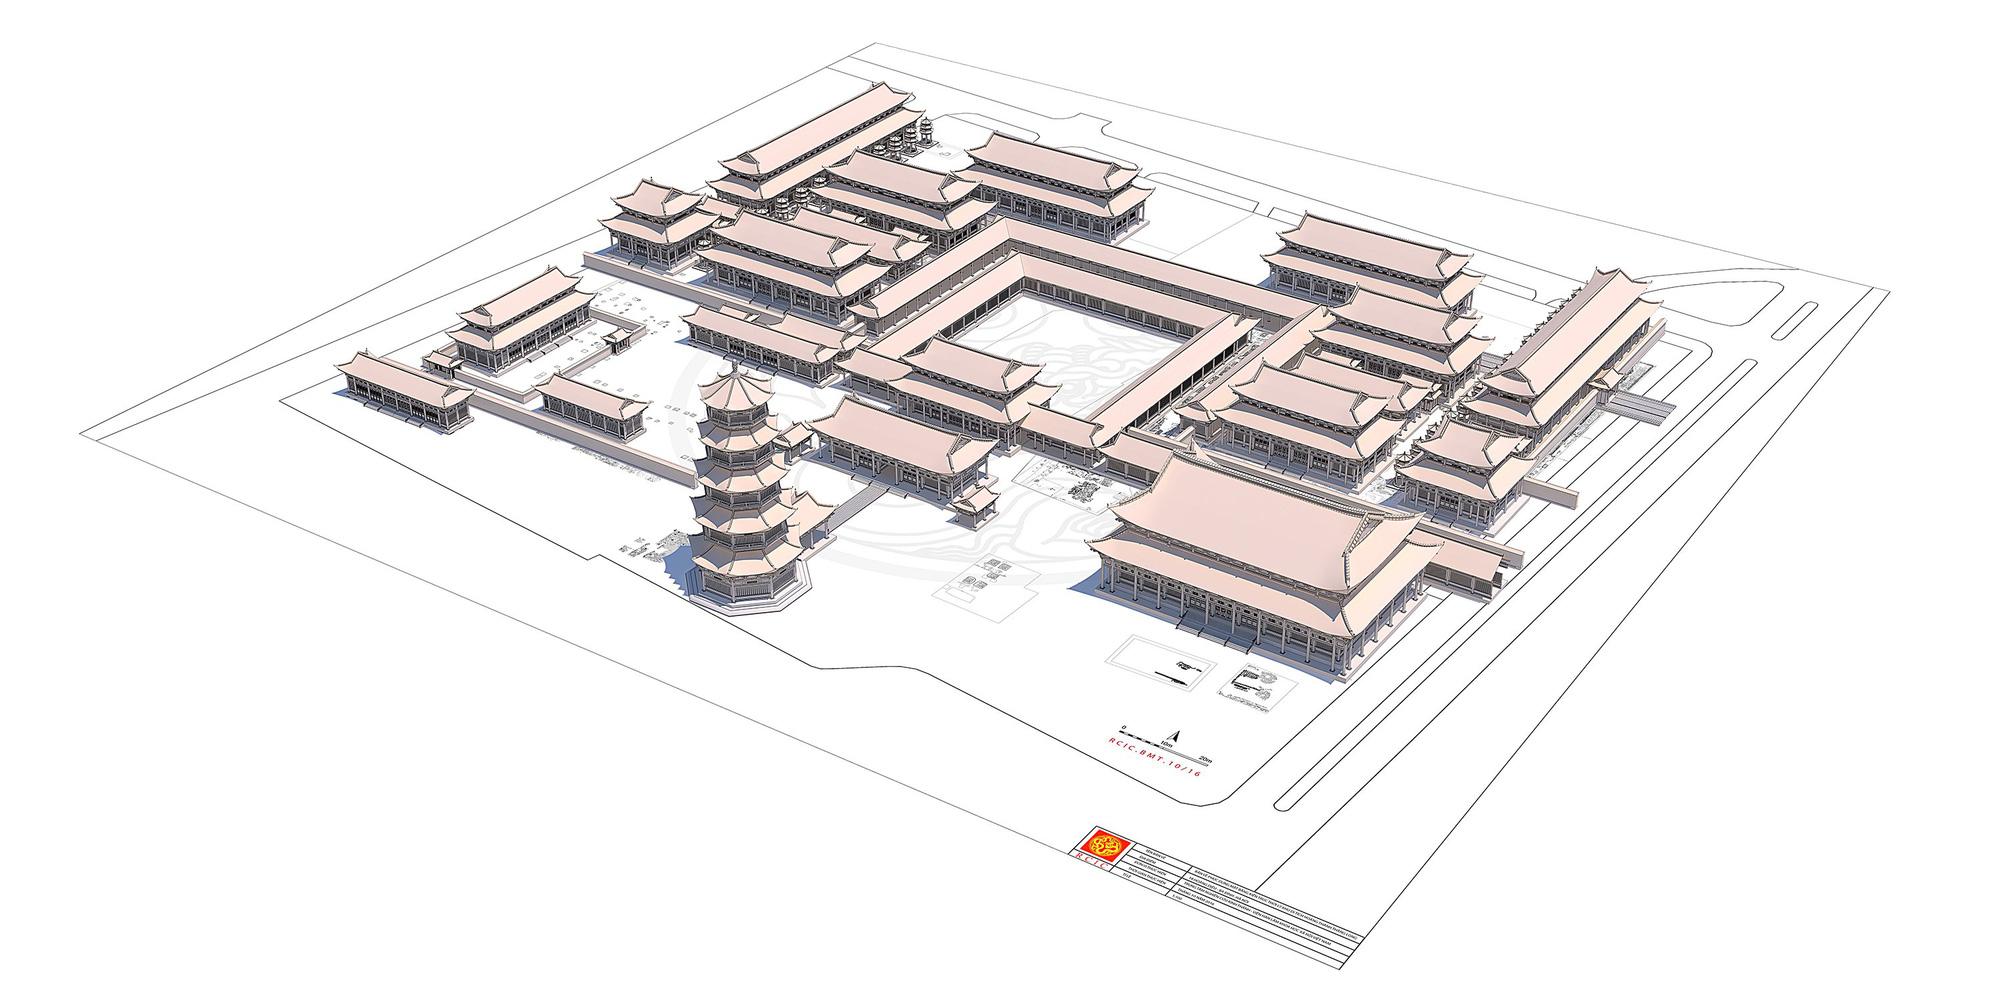 """Phát hiện """"chấn động"""" về hình thái kiến trúc cung điện thời Lý ở Hoàng thành Thăng Long (kỳ 1) - Ảnh 4."""